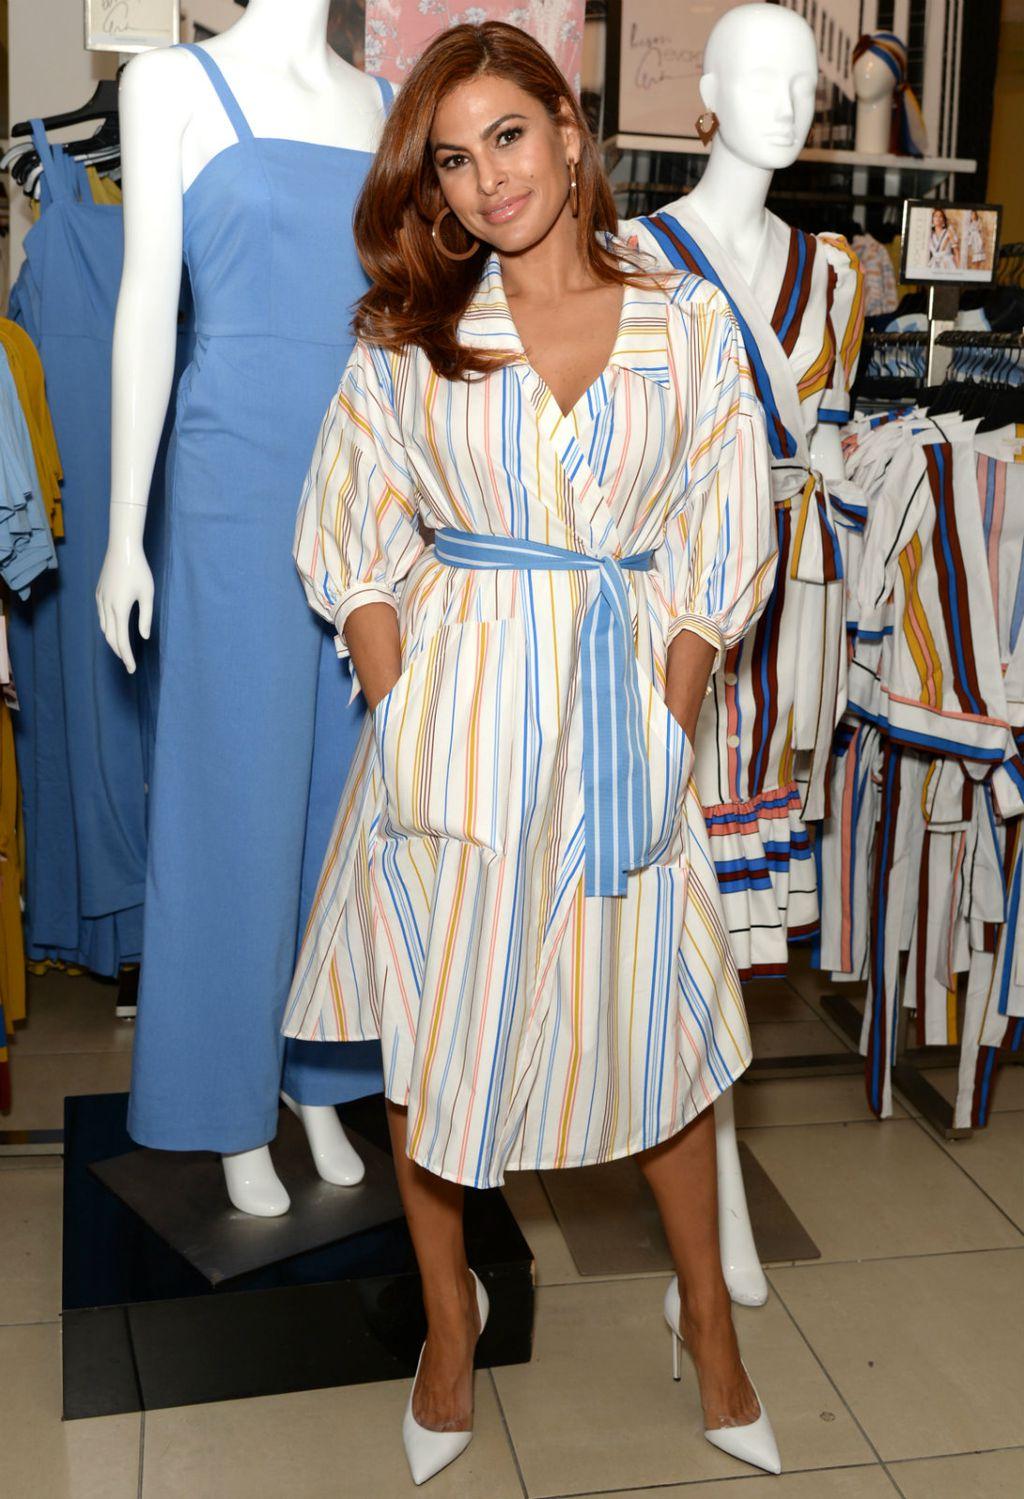 Eva u istoj haljini na predstavljanju kolekcije prije par tjedana